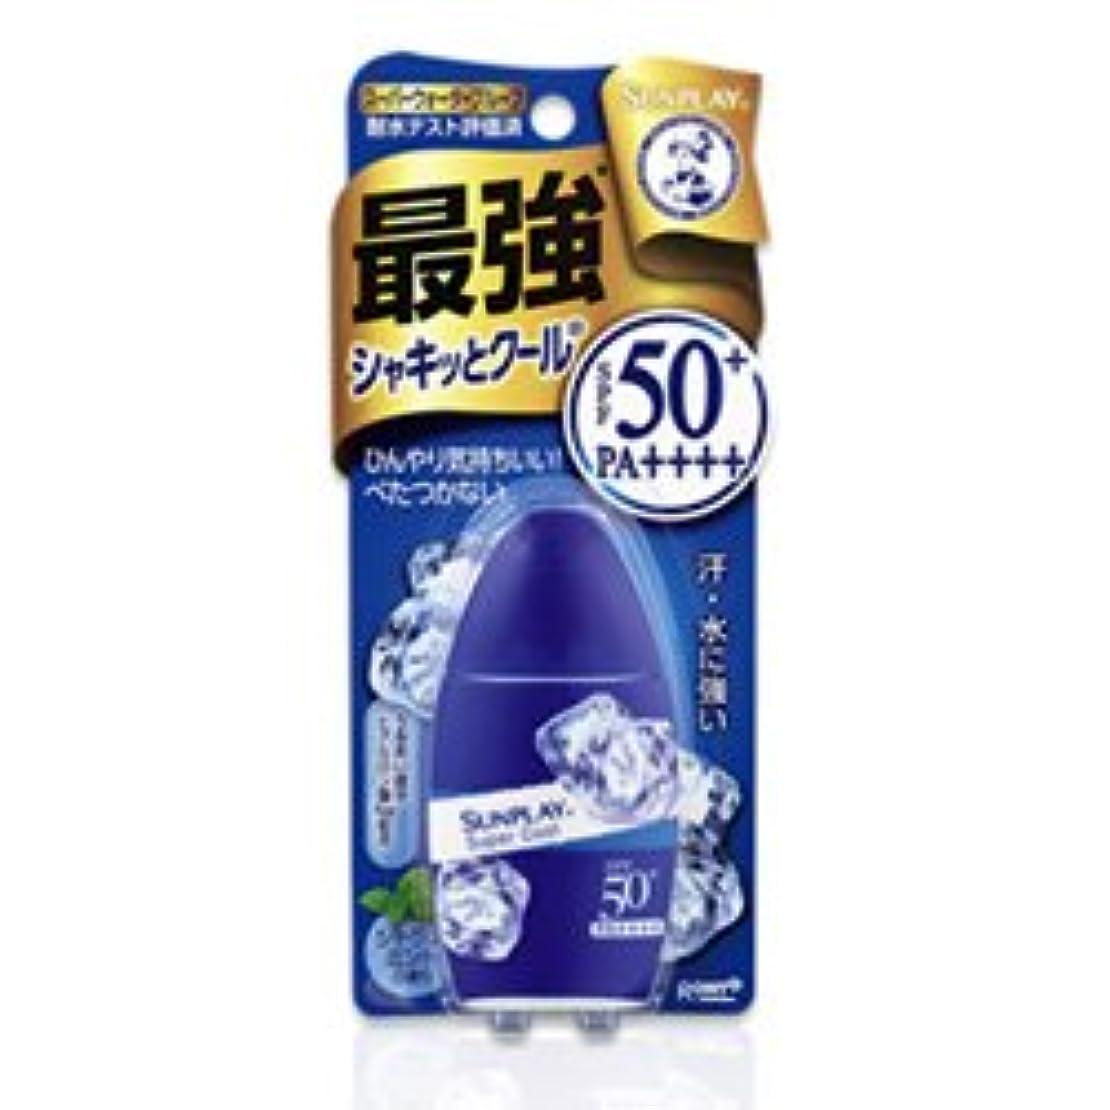 束ねるしないトリクル【ロート製薬】メンソレータム サンプレイ スーパークール 30g ×5個セット